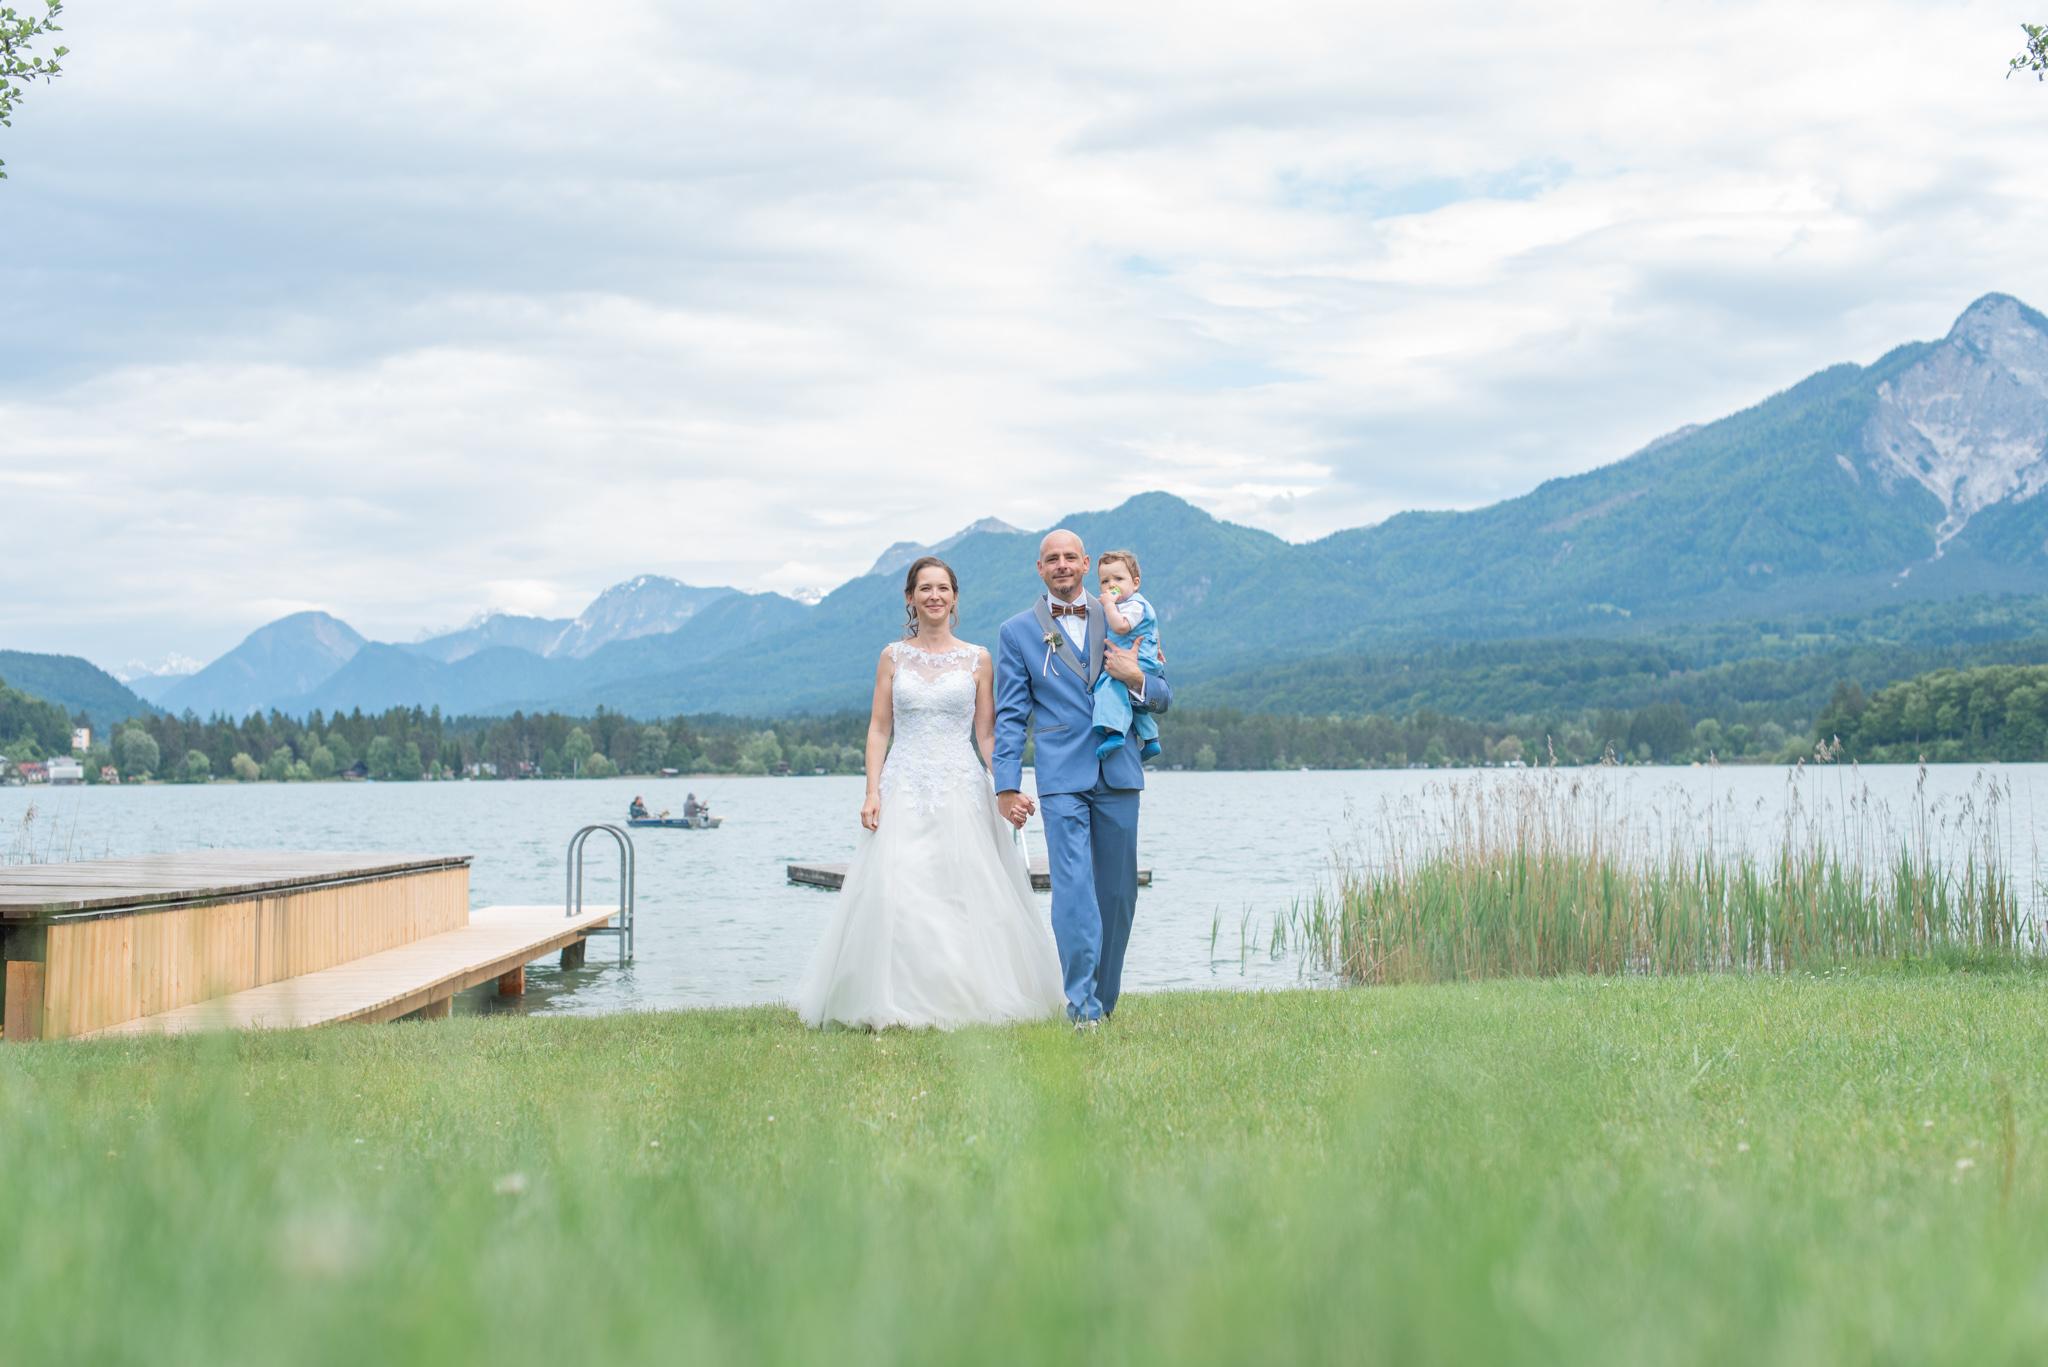 Roland Nischelwitzer Photography - Hochzeitsfotograf Kärnten